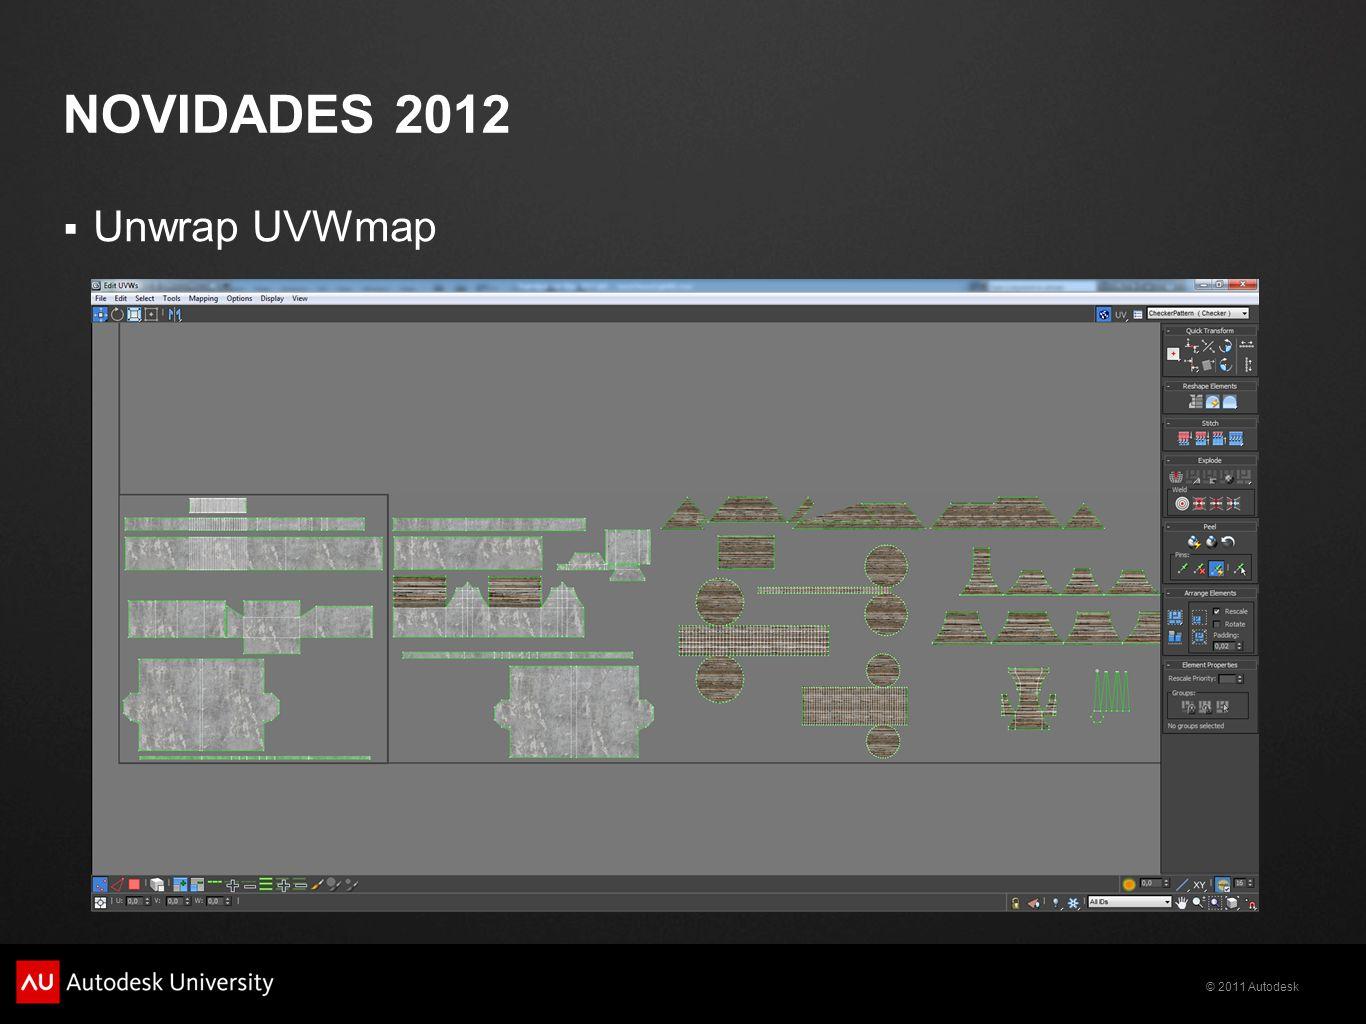 novidades 2012 Unwrap UVWmap